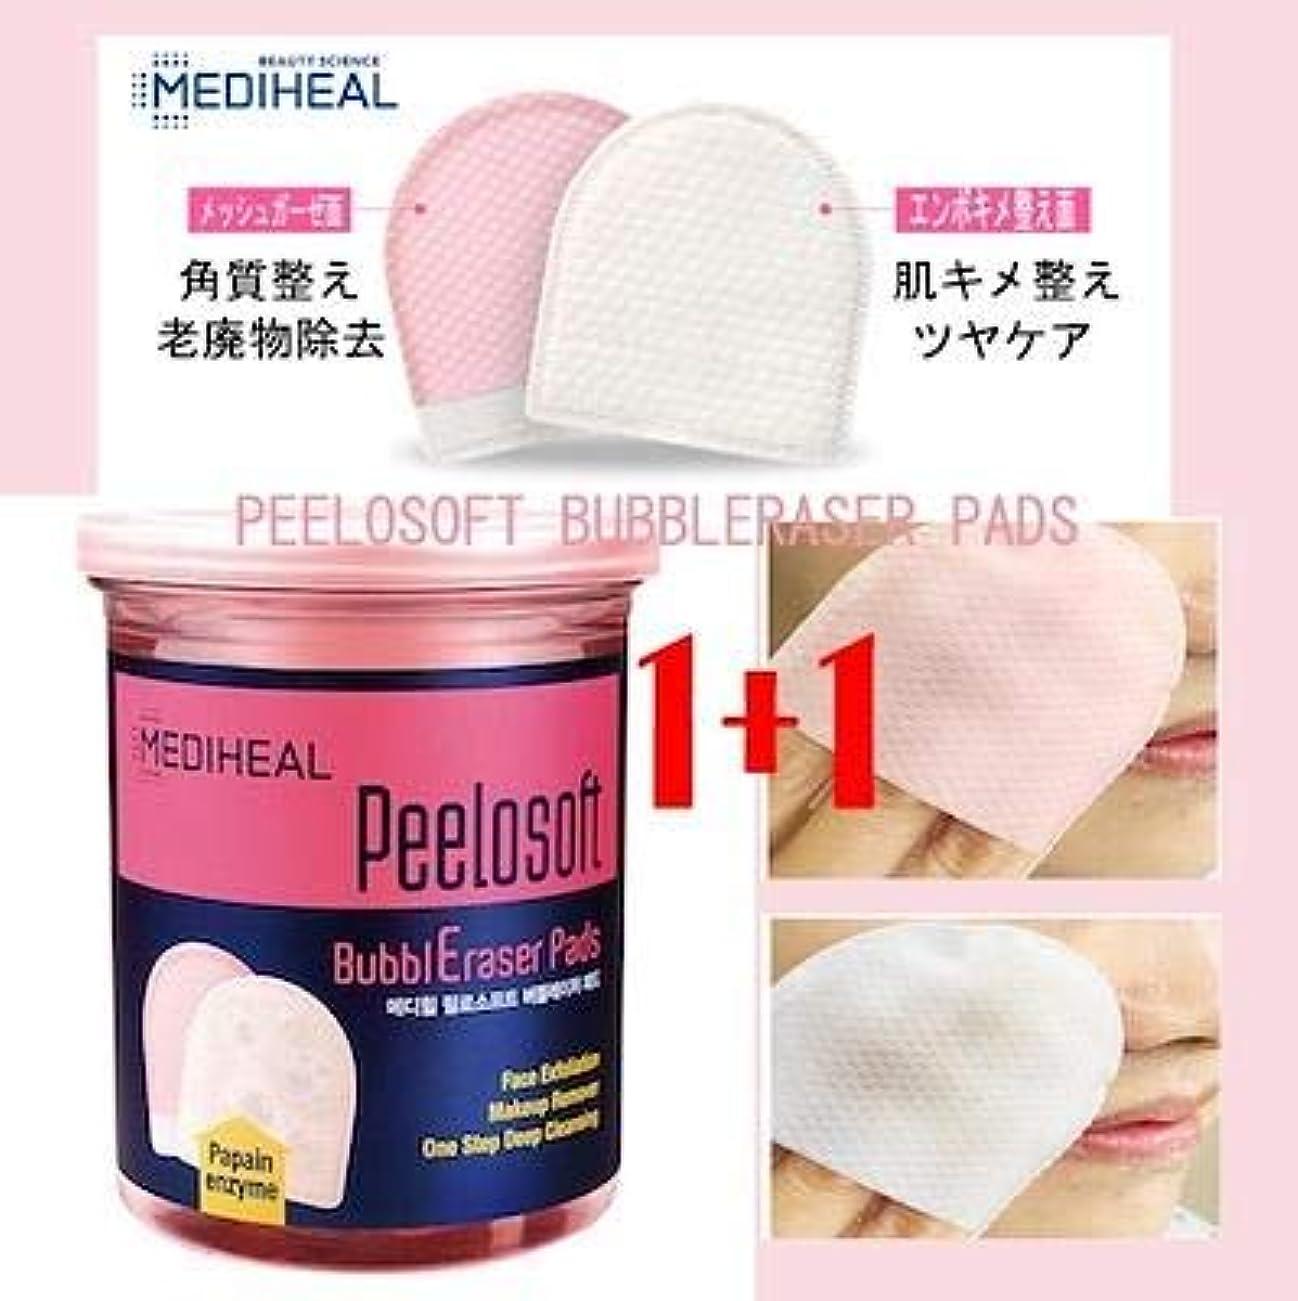 姉妹棚旧正月[MEDIHEAL] 1+1 メディヒール Peelosoft BubblEraser Pads ピローソフト バブルレーザー パッド [20枚+ 20枚]